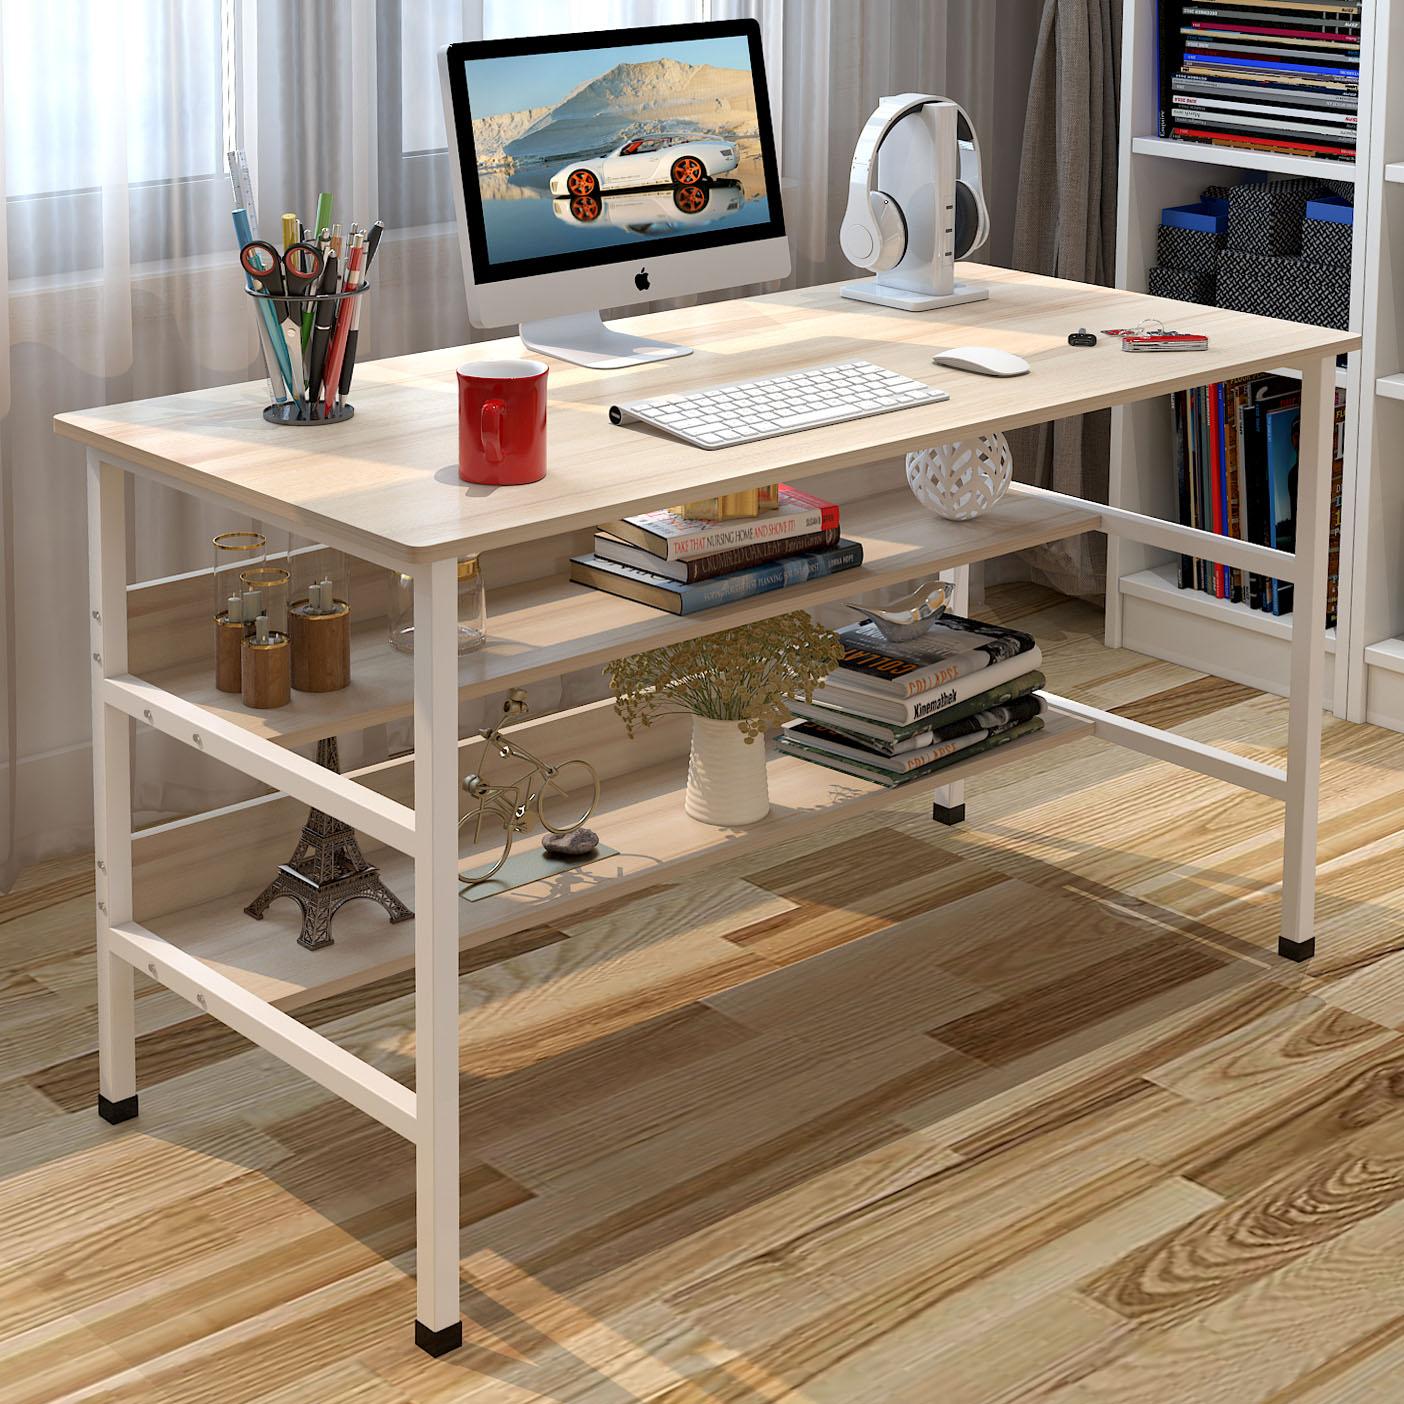 电脑桌台式家用笔记本电脑桌子简约现代书桌经济型写字台办公桌子